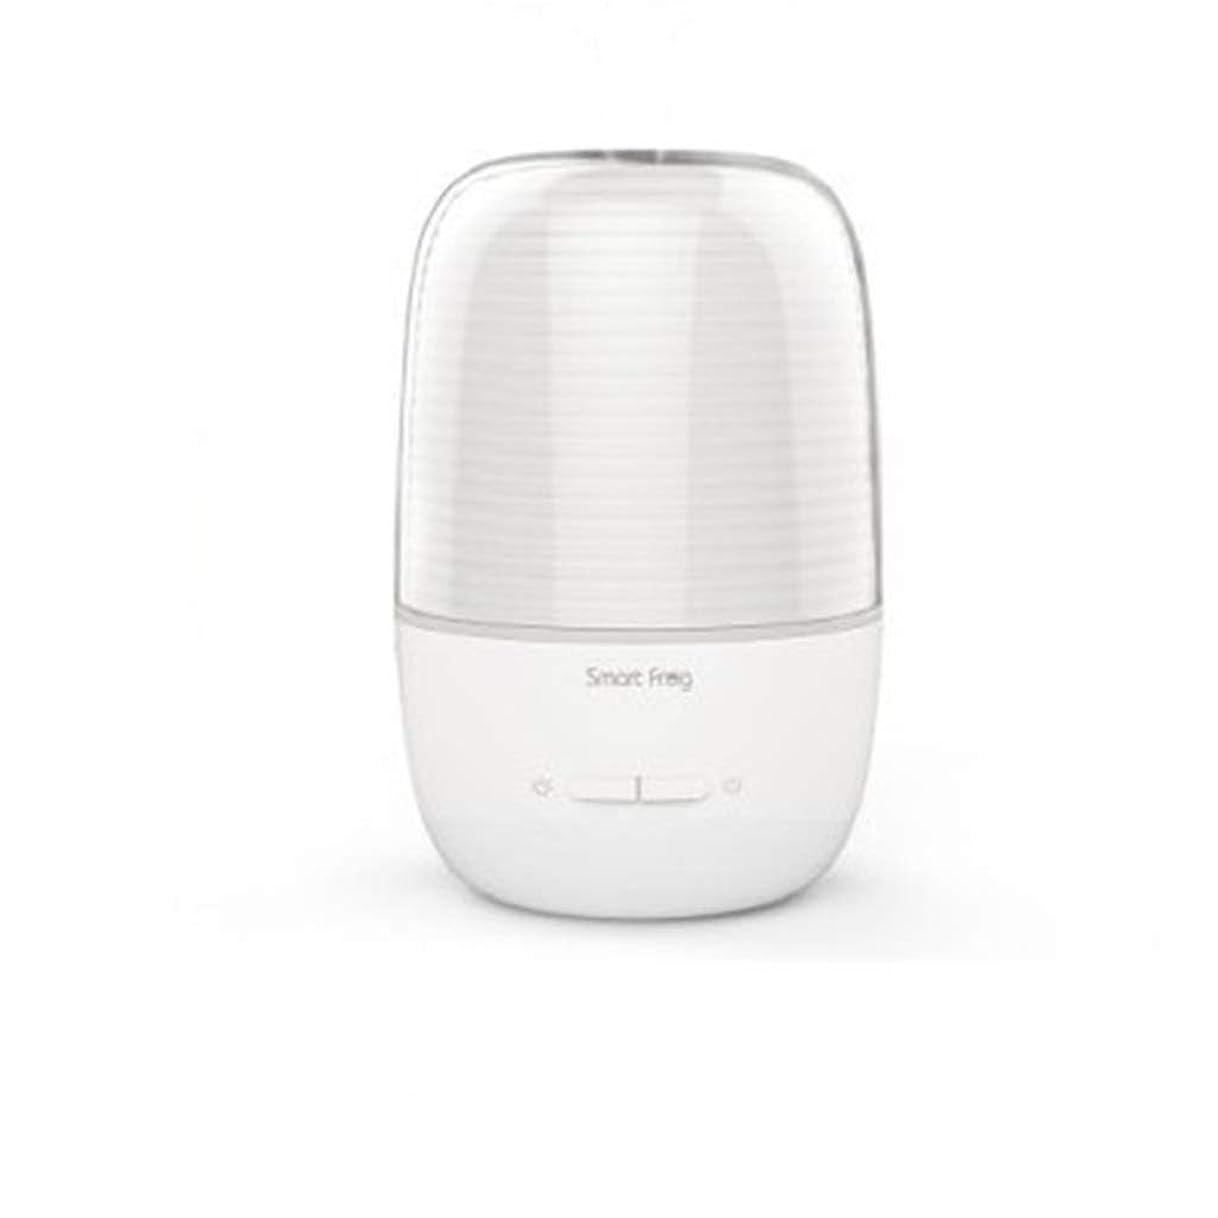 ロースト優しさ女王130ml超音波冷たい霧の加湿器の変更家のヨガのオフィスの鉱泉の寝室の拡散器 (Color : White)